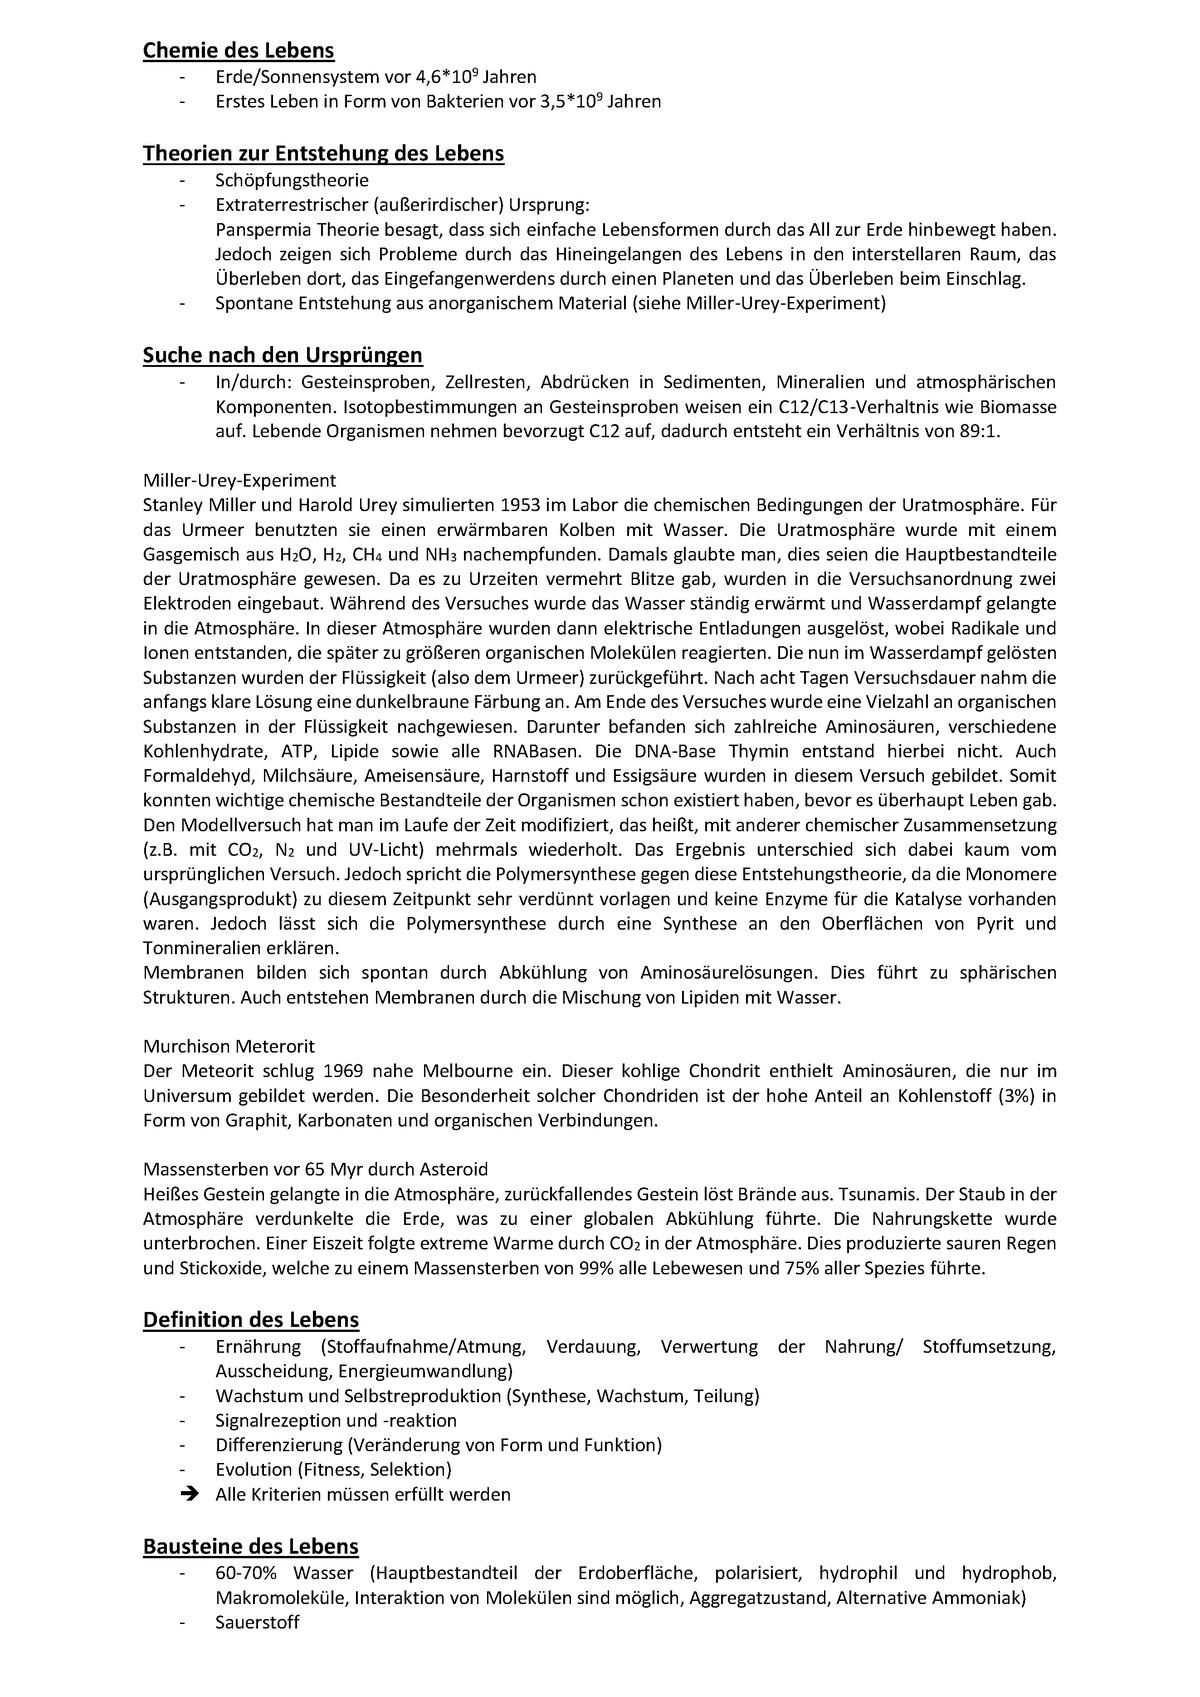 Mikrobiologie   Chemie des Lebens, summary   StuDocu